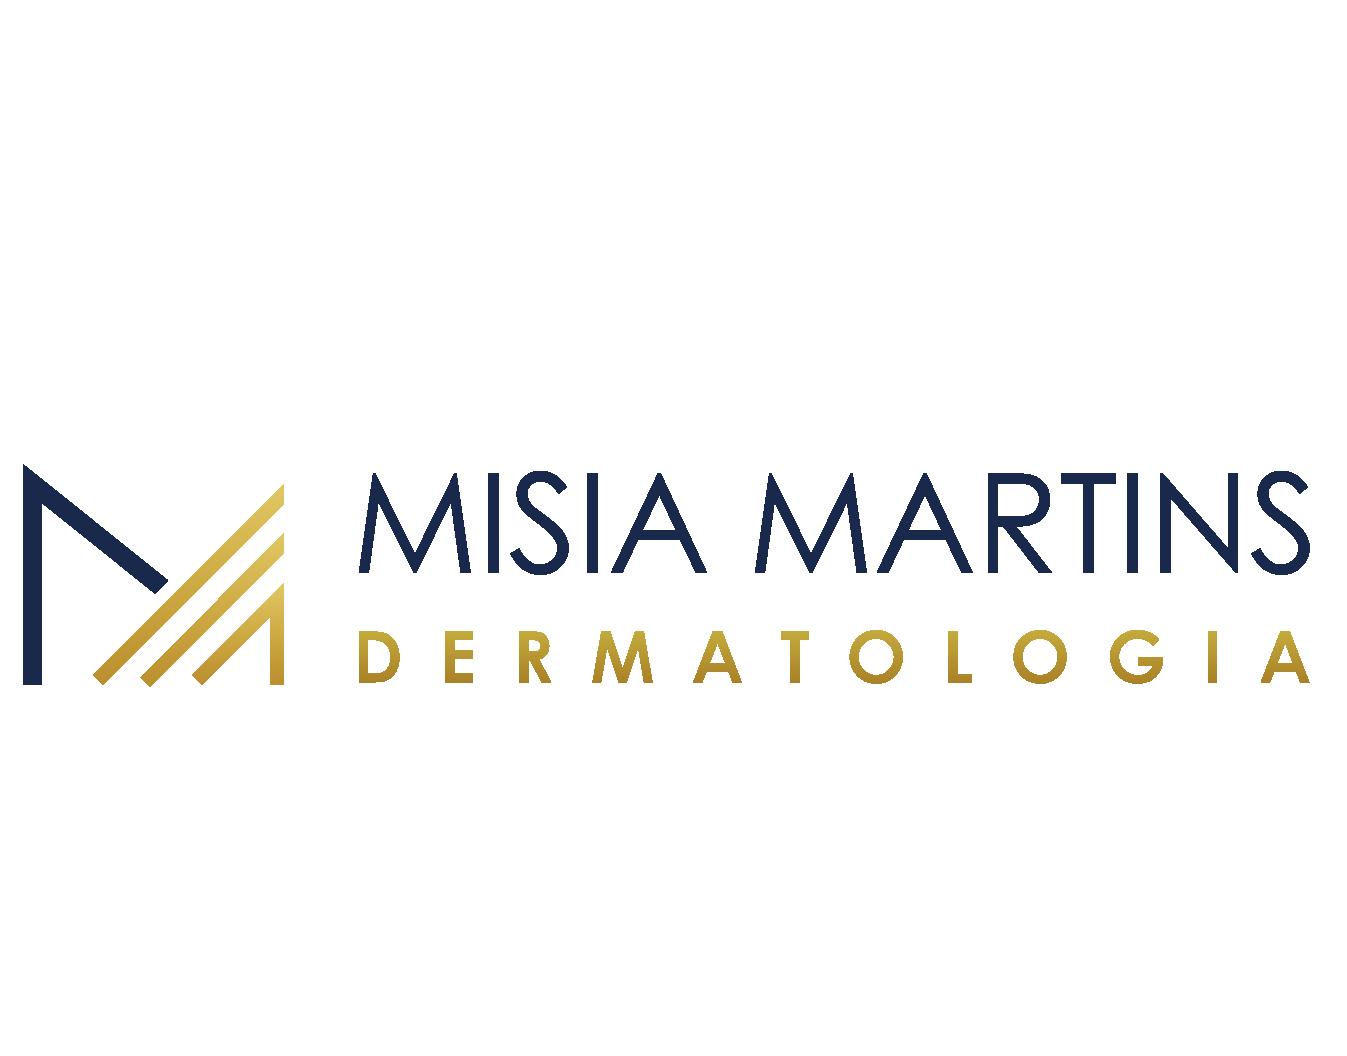 Misia_logo_2-02